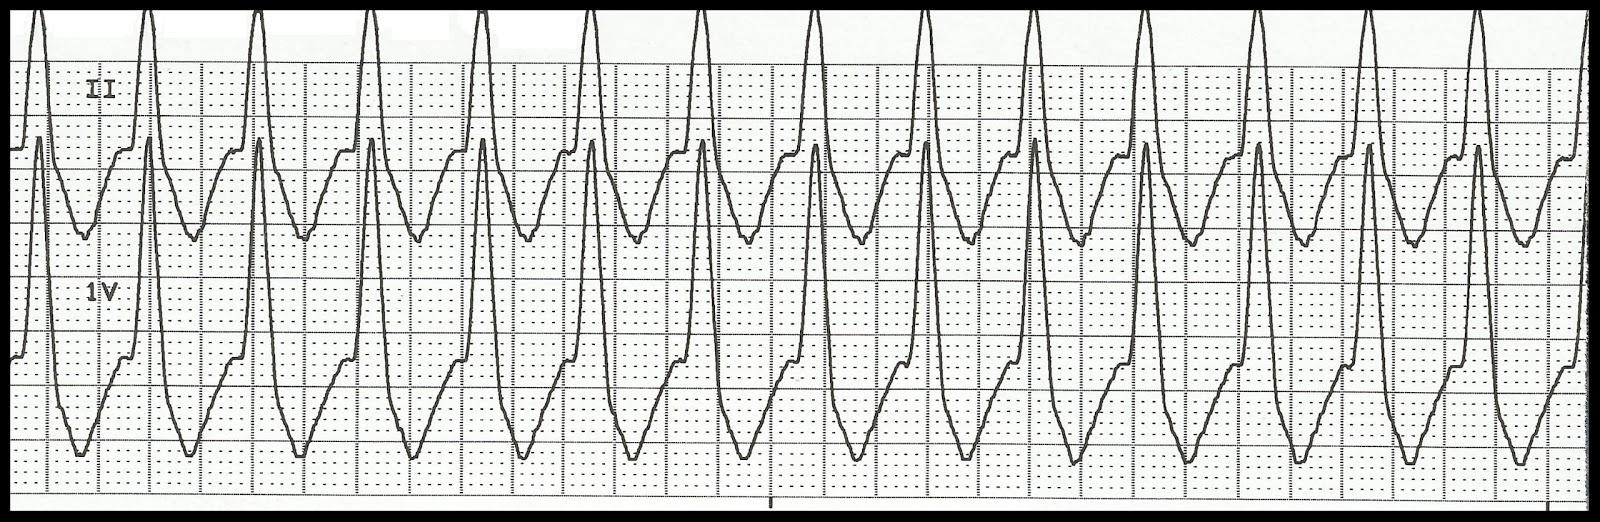 Float Nurse: EKG Rhythm Strip Quiz 151 Ventricular Tachycardia Rhythm Strip